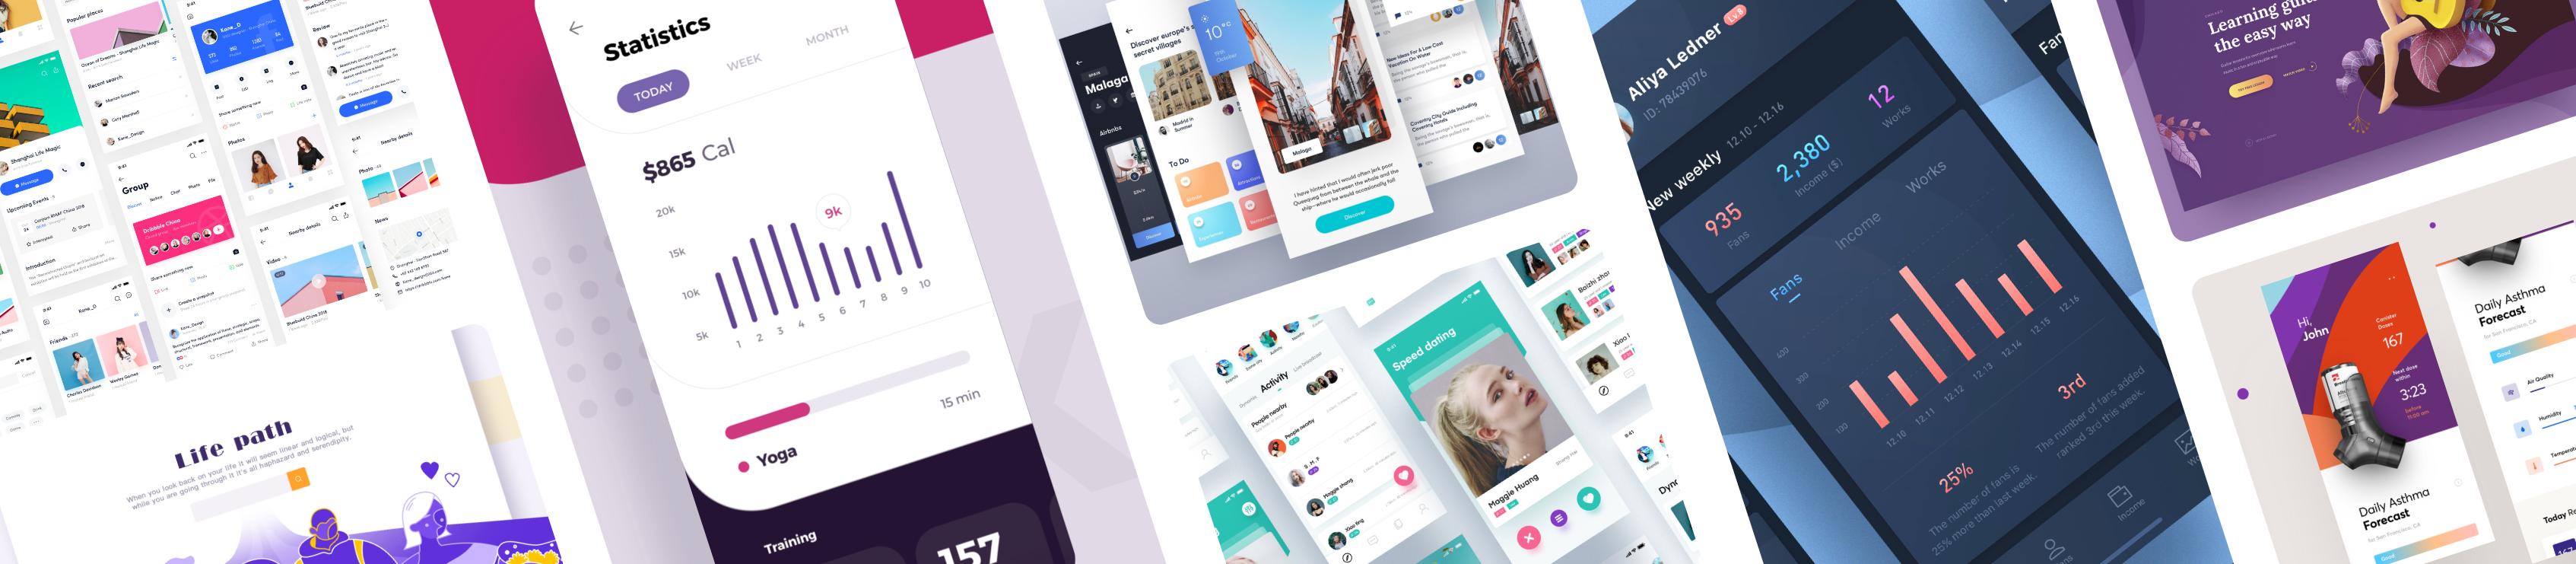 UIUX Interaction Design 26